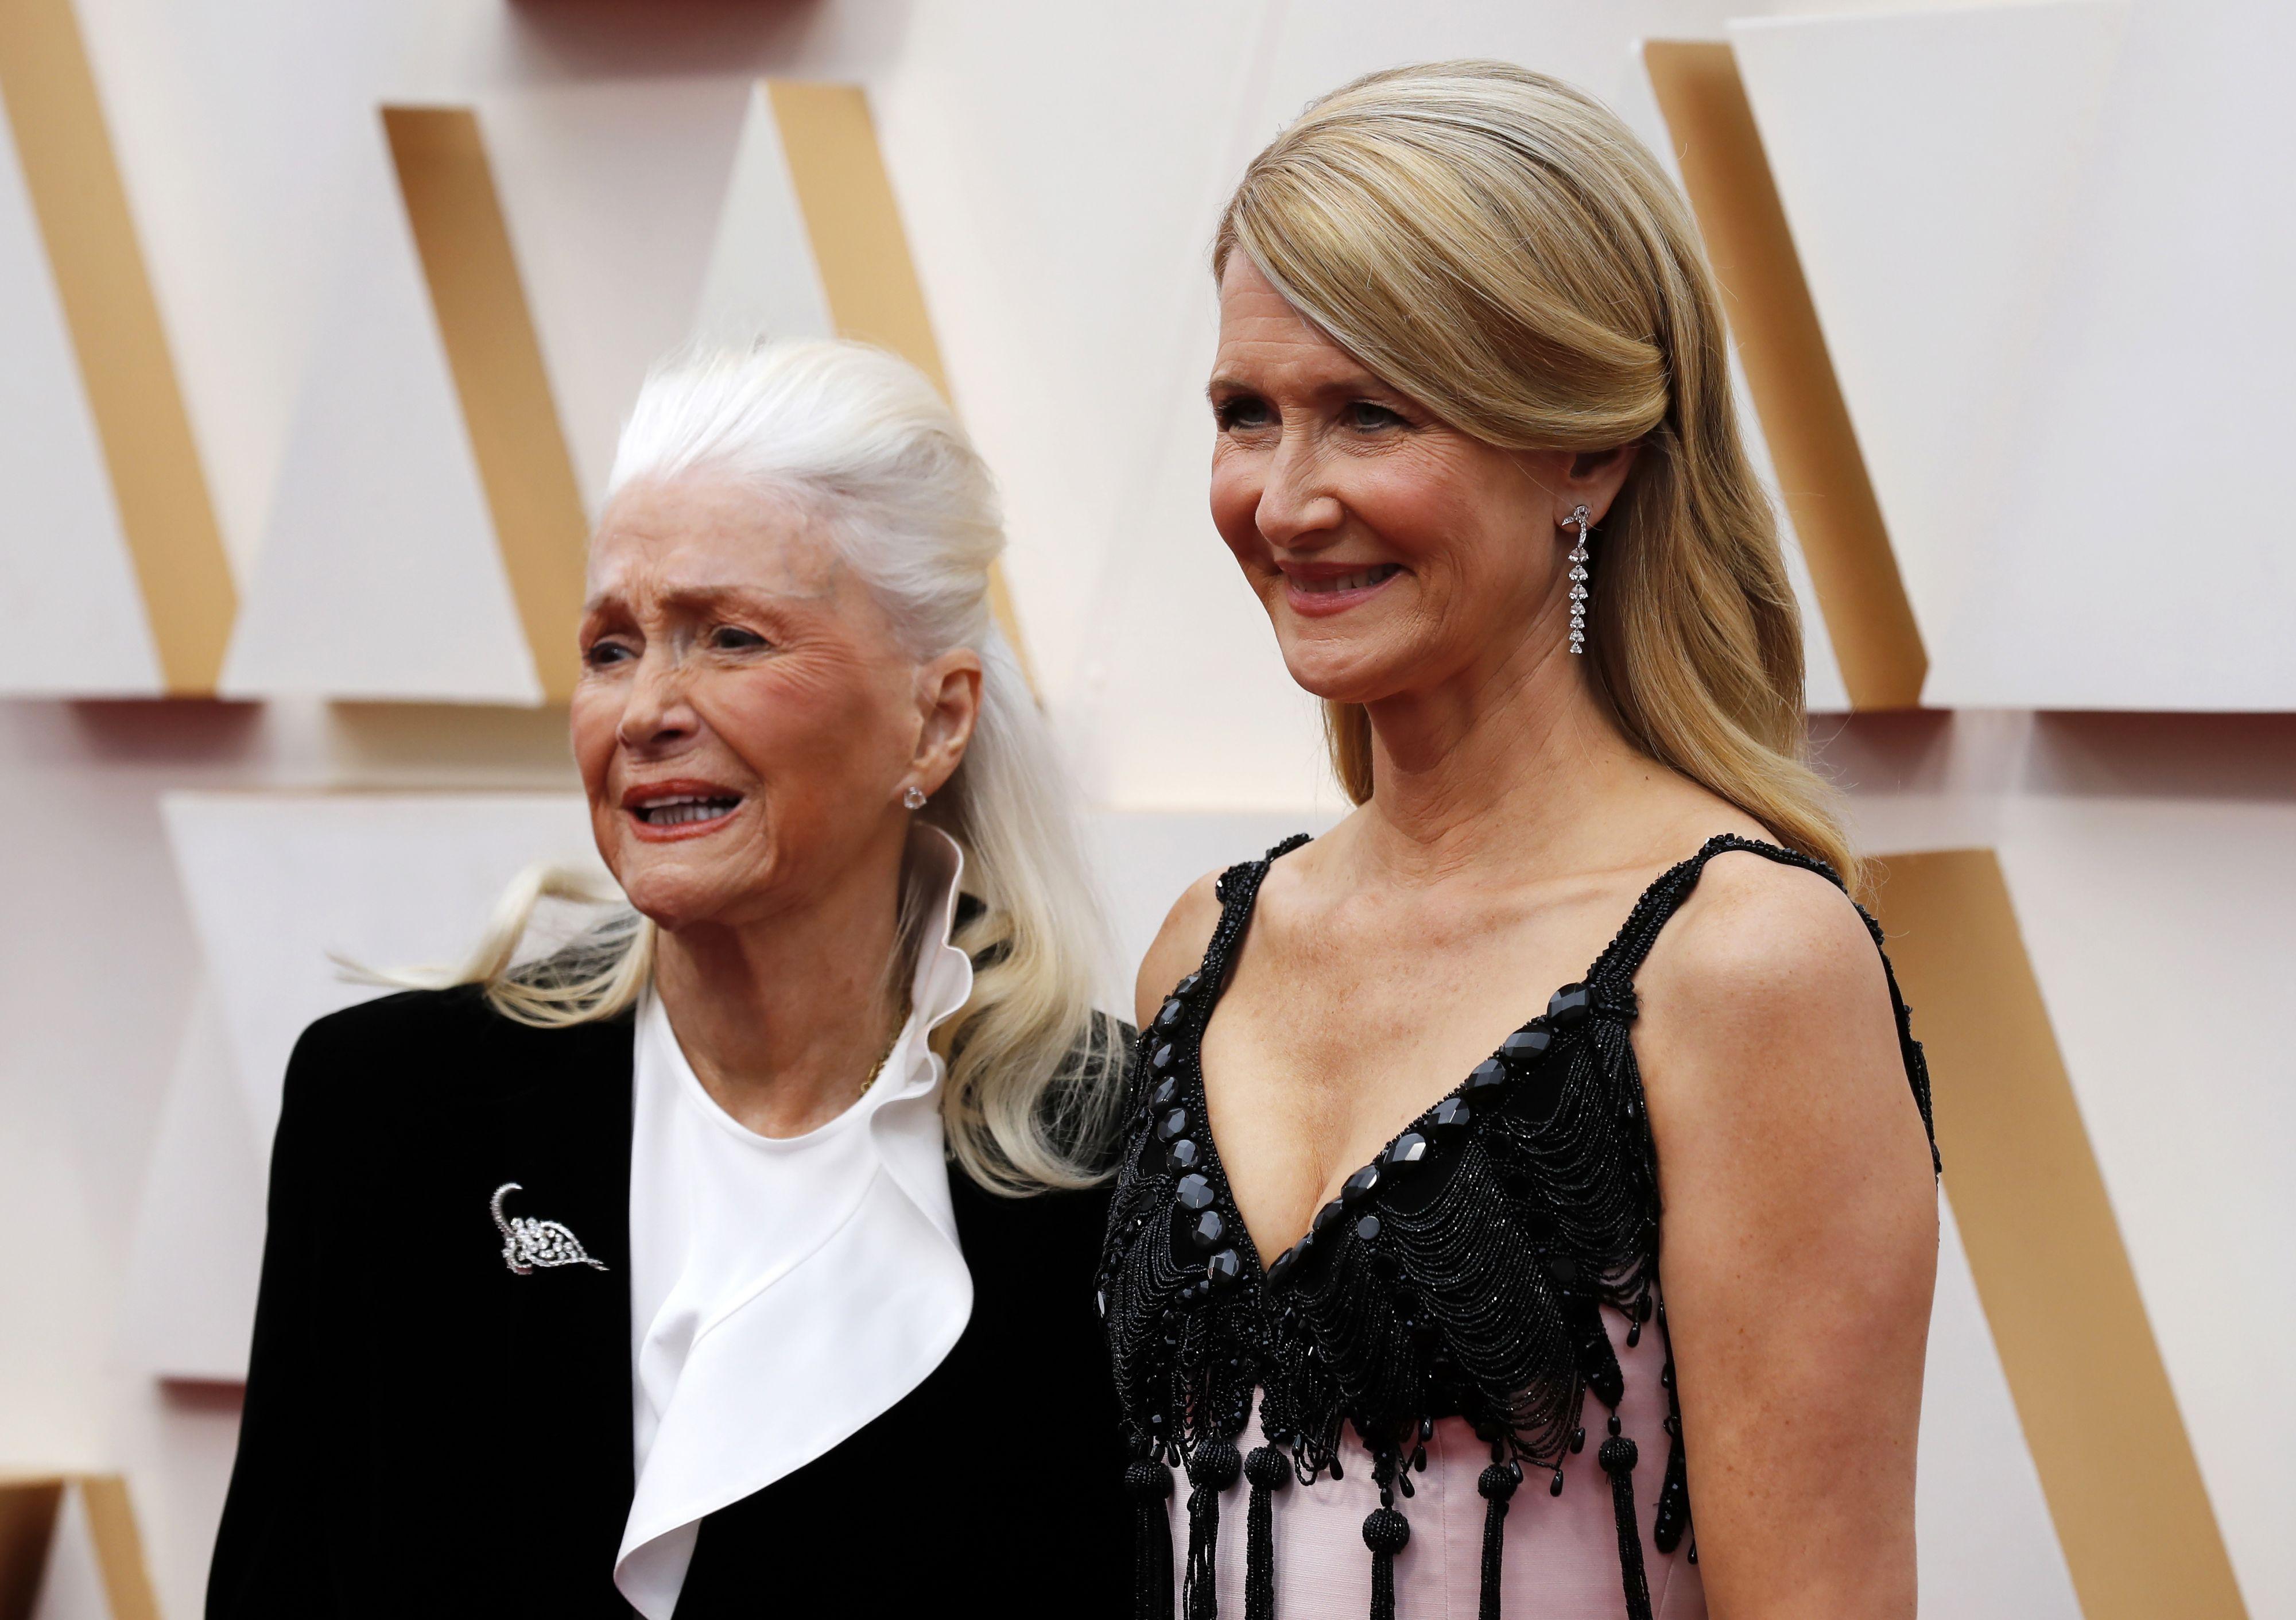 Acteurs gaan het liefste met moeder naar Oscars